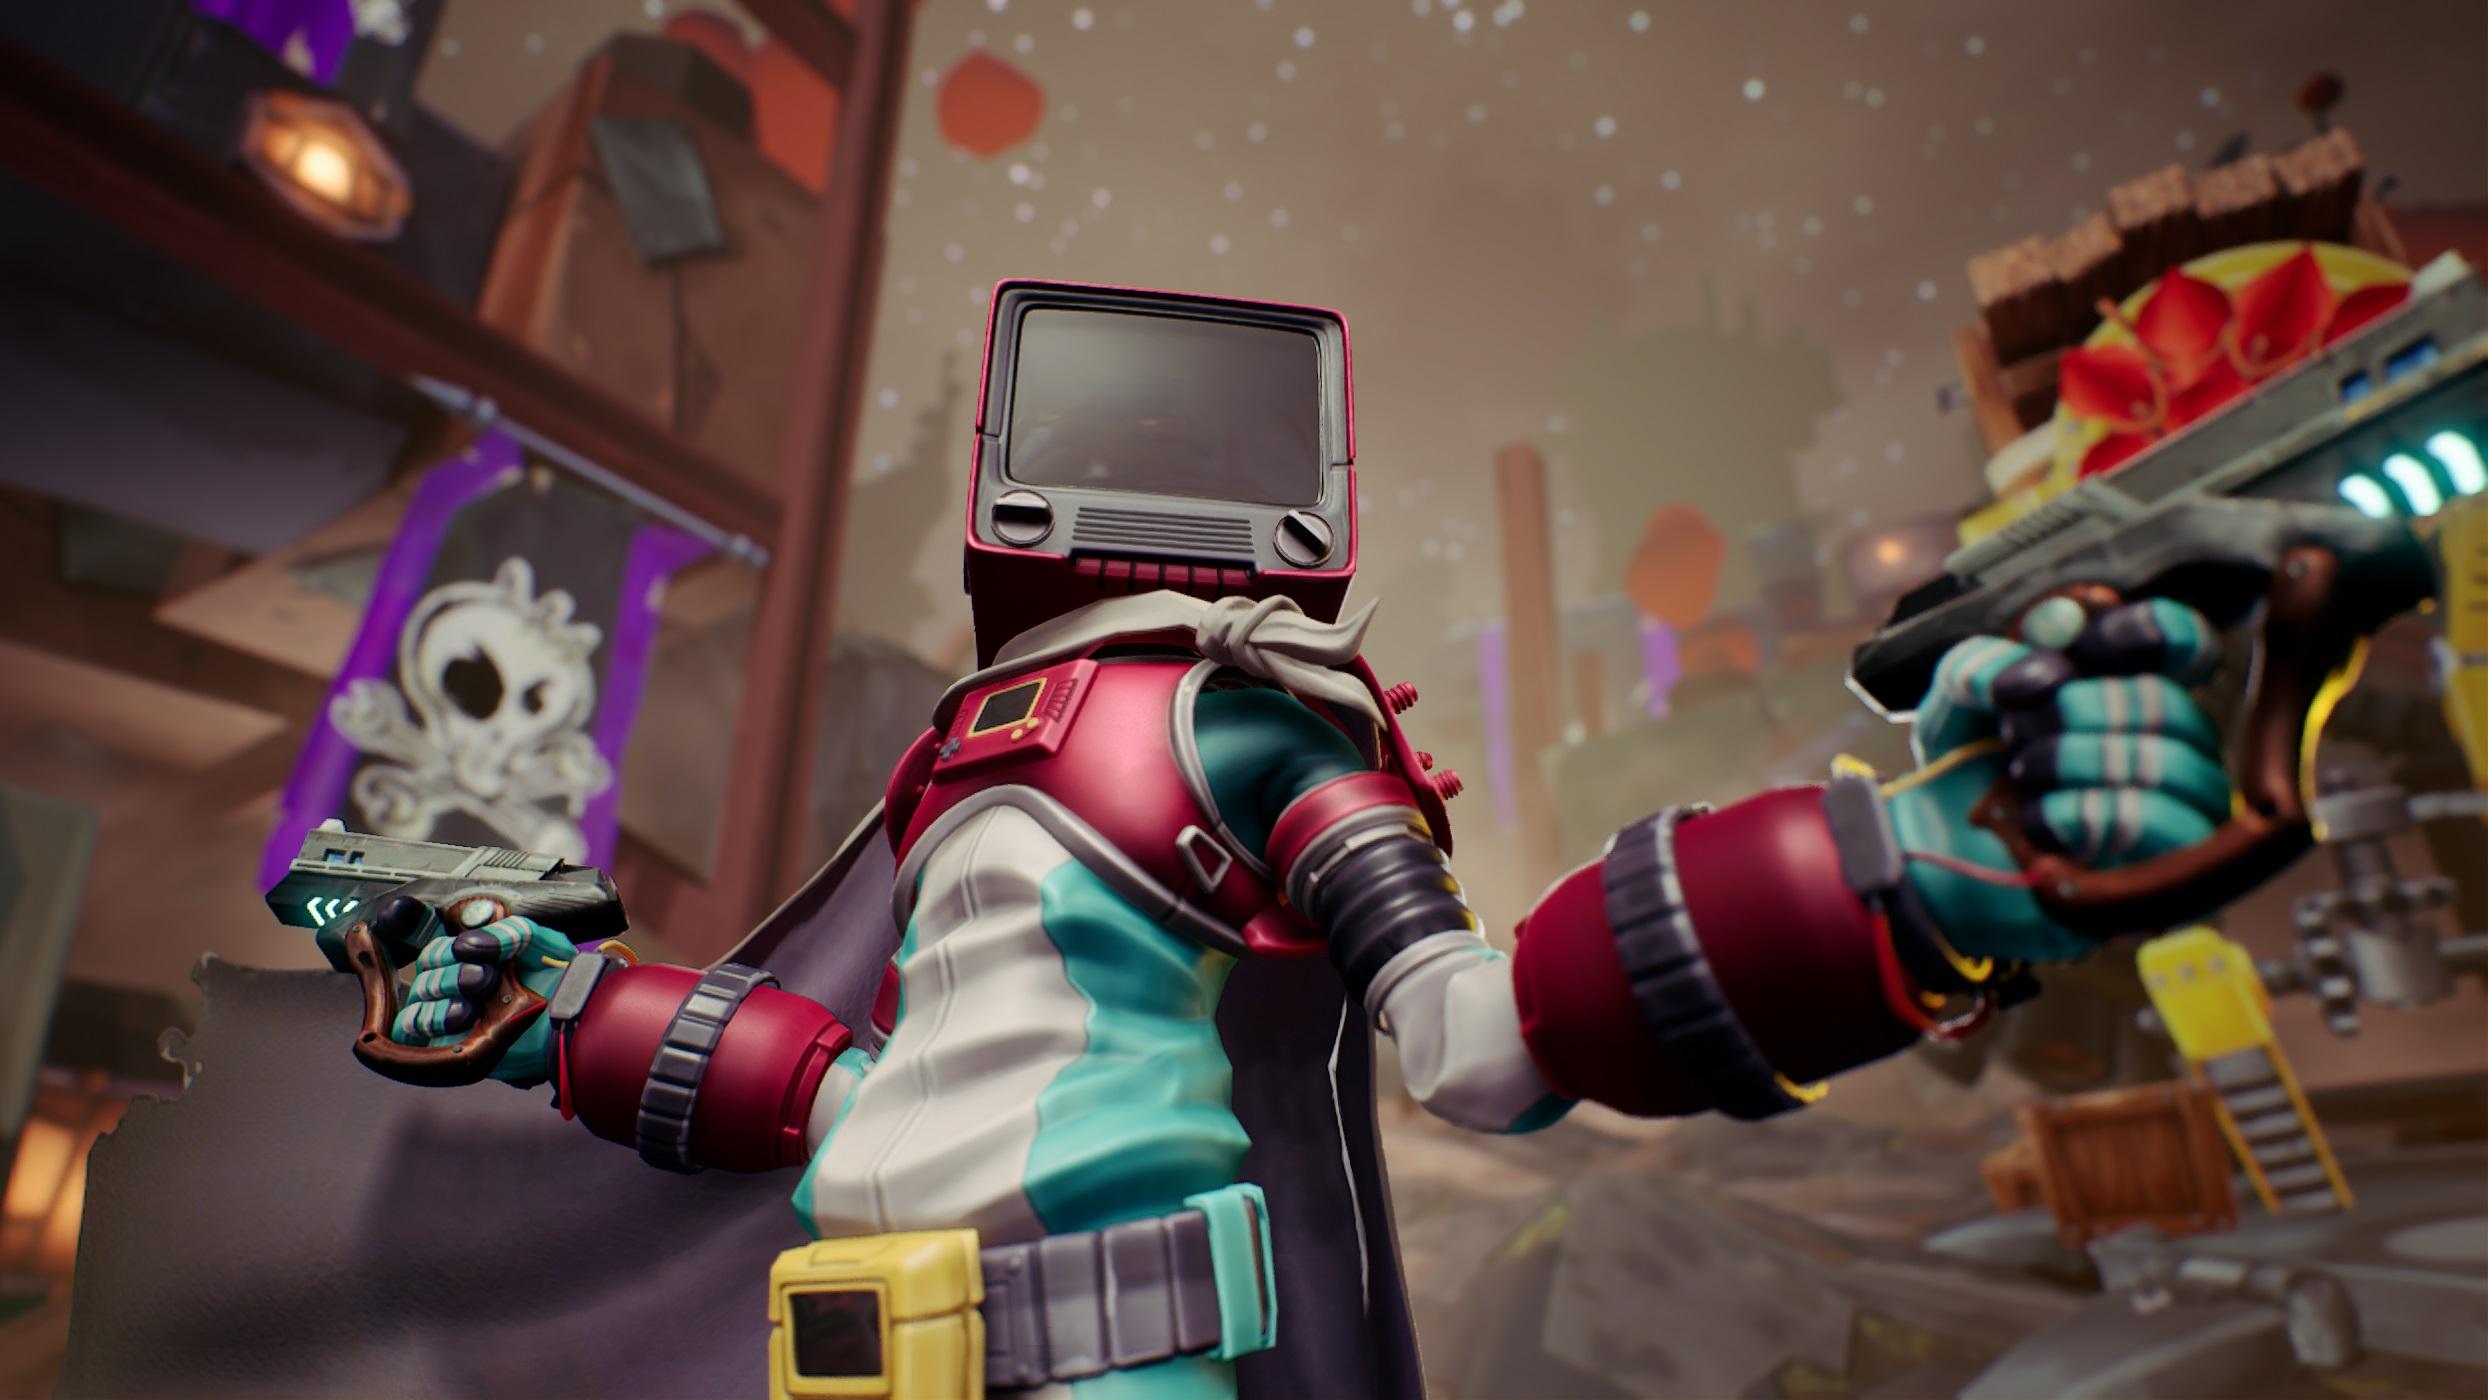 Captain Toonhead: Tower-Defense in VR